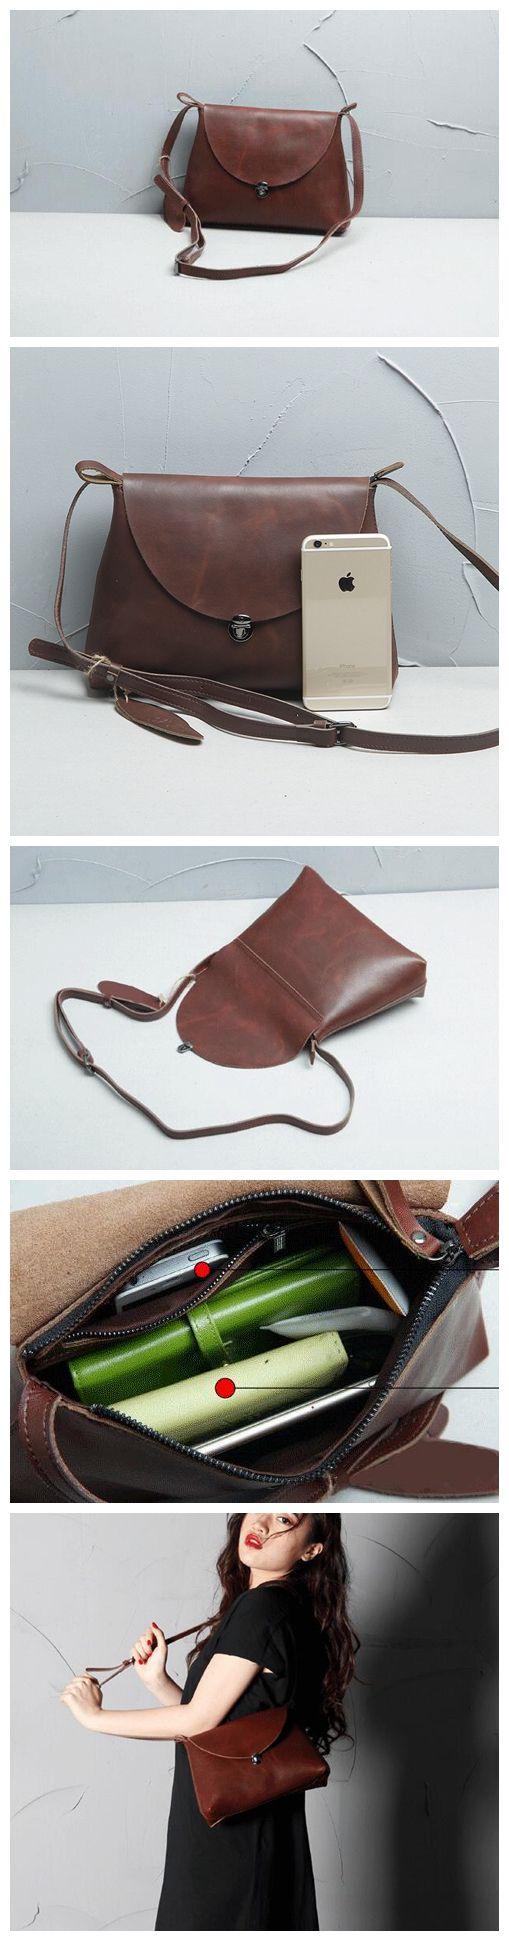 Women Messenger Shoulder Bag, Leather Satchel Handbag Tote Messenger Bag